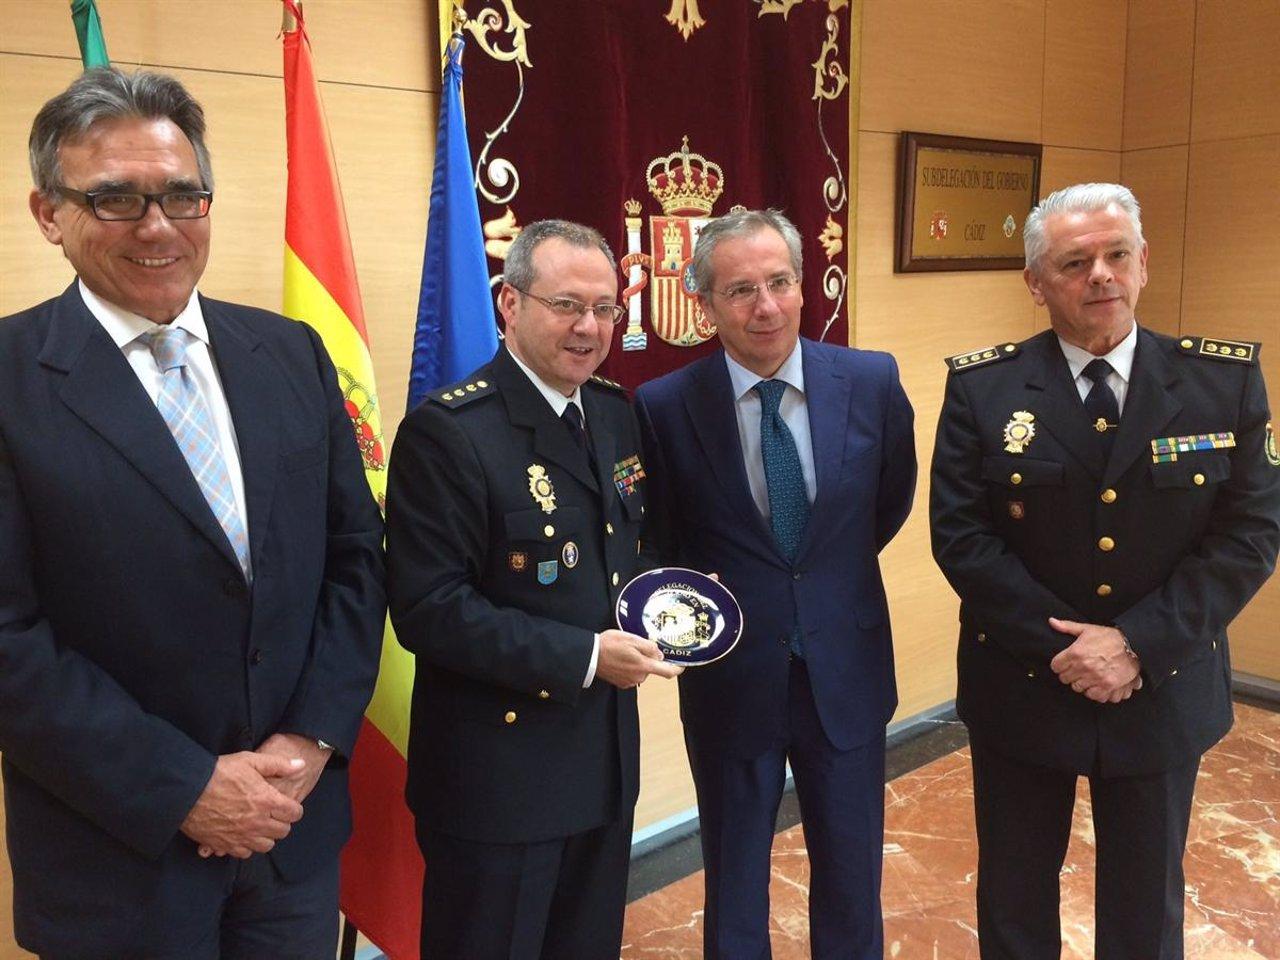 El comisario jefe del cuerpo nacional de polic a de jerez - Policia nacional cadiz ...